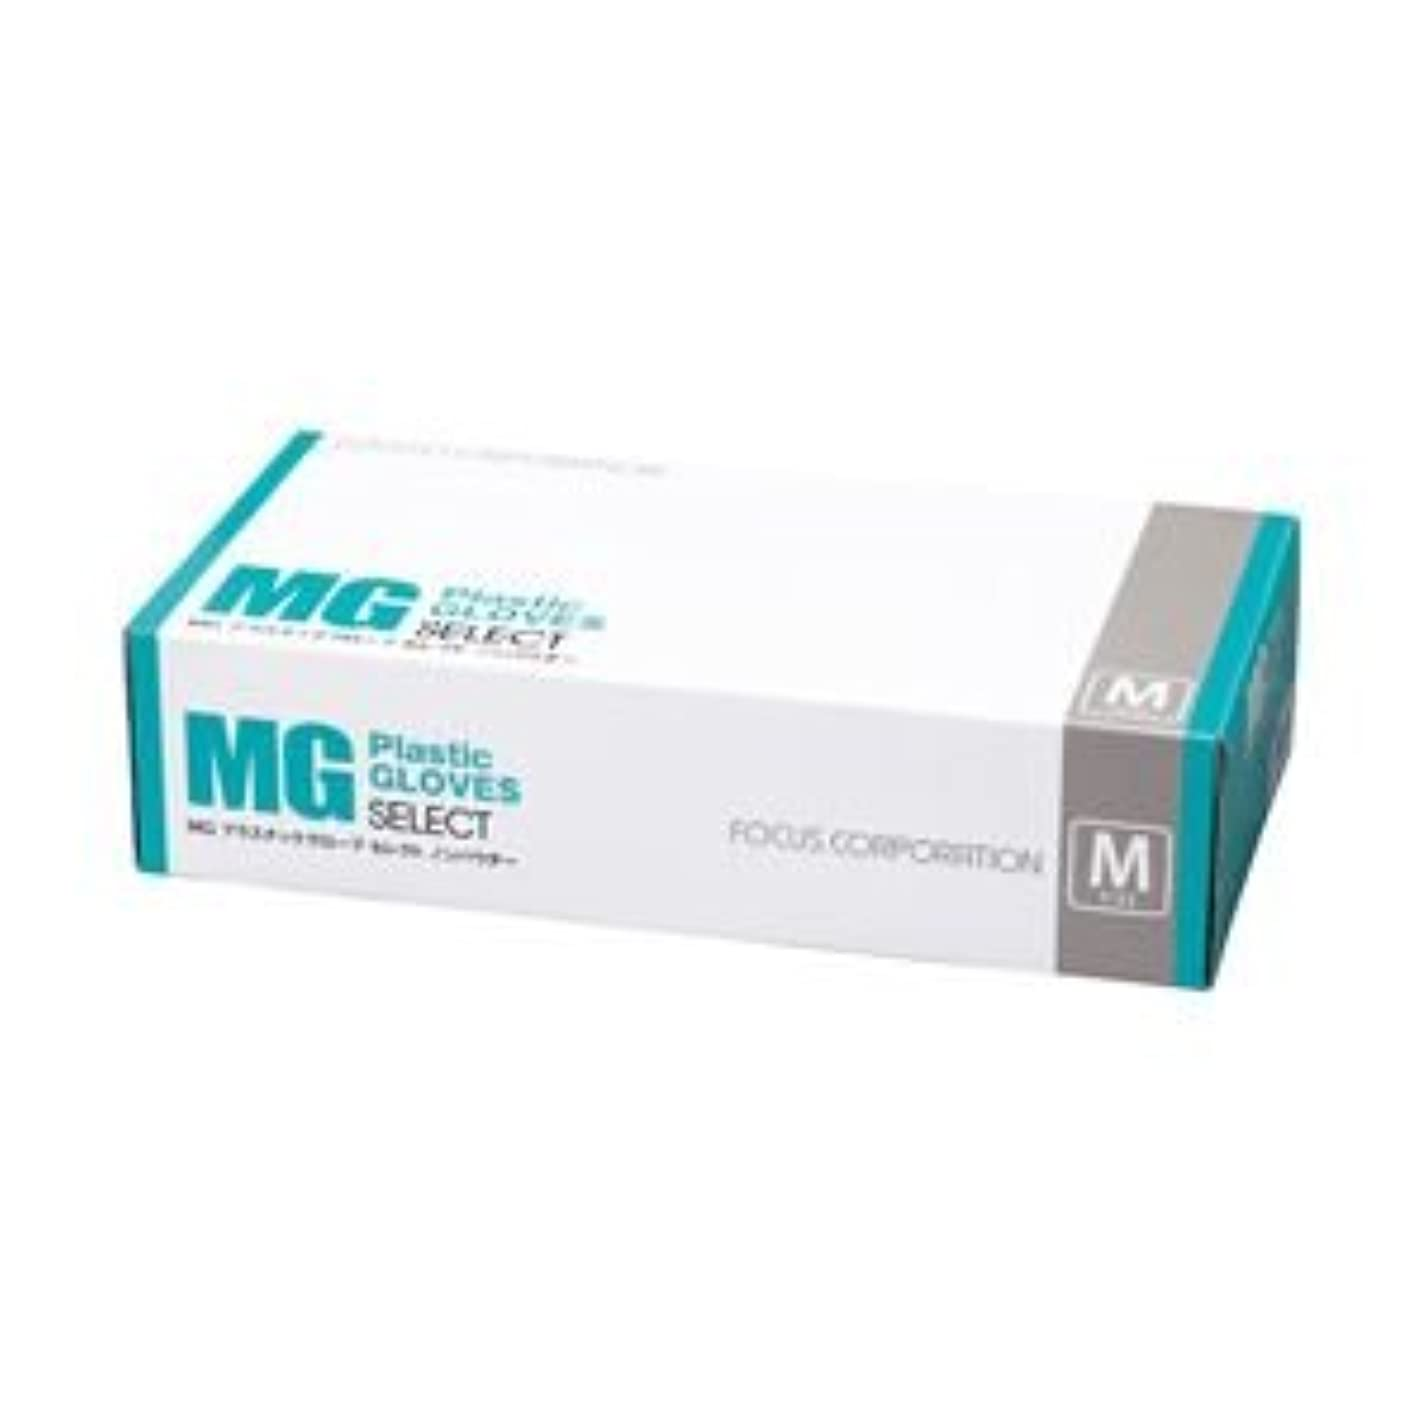 フォーカス (業務用セット) MGプラスチックグローブSELECT 粉なし 半透明 1箱(100枚) Mサイズ (×10セット)